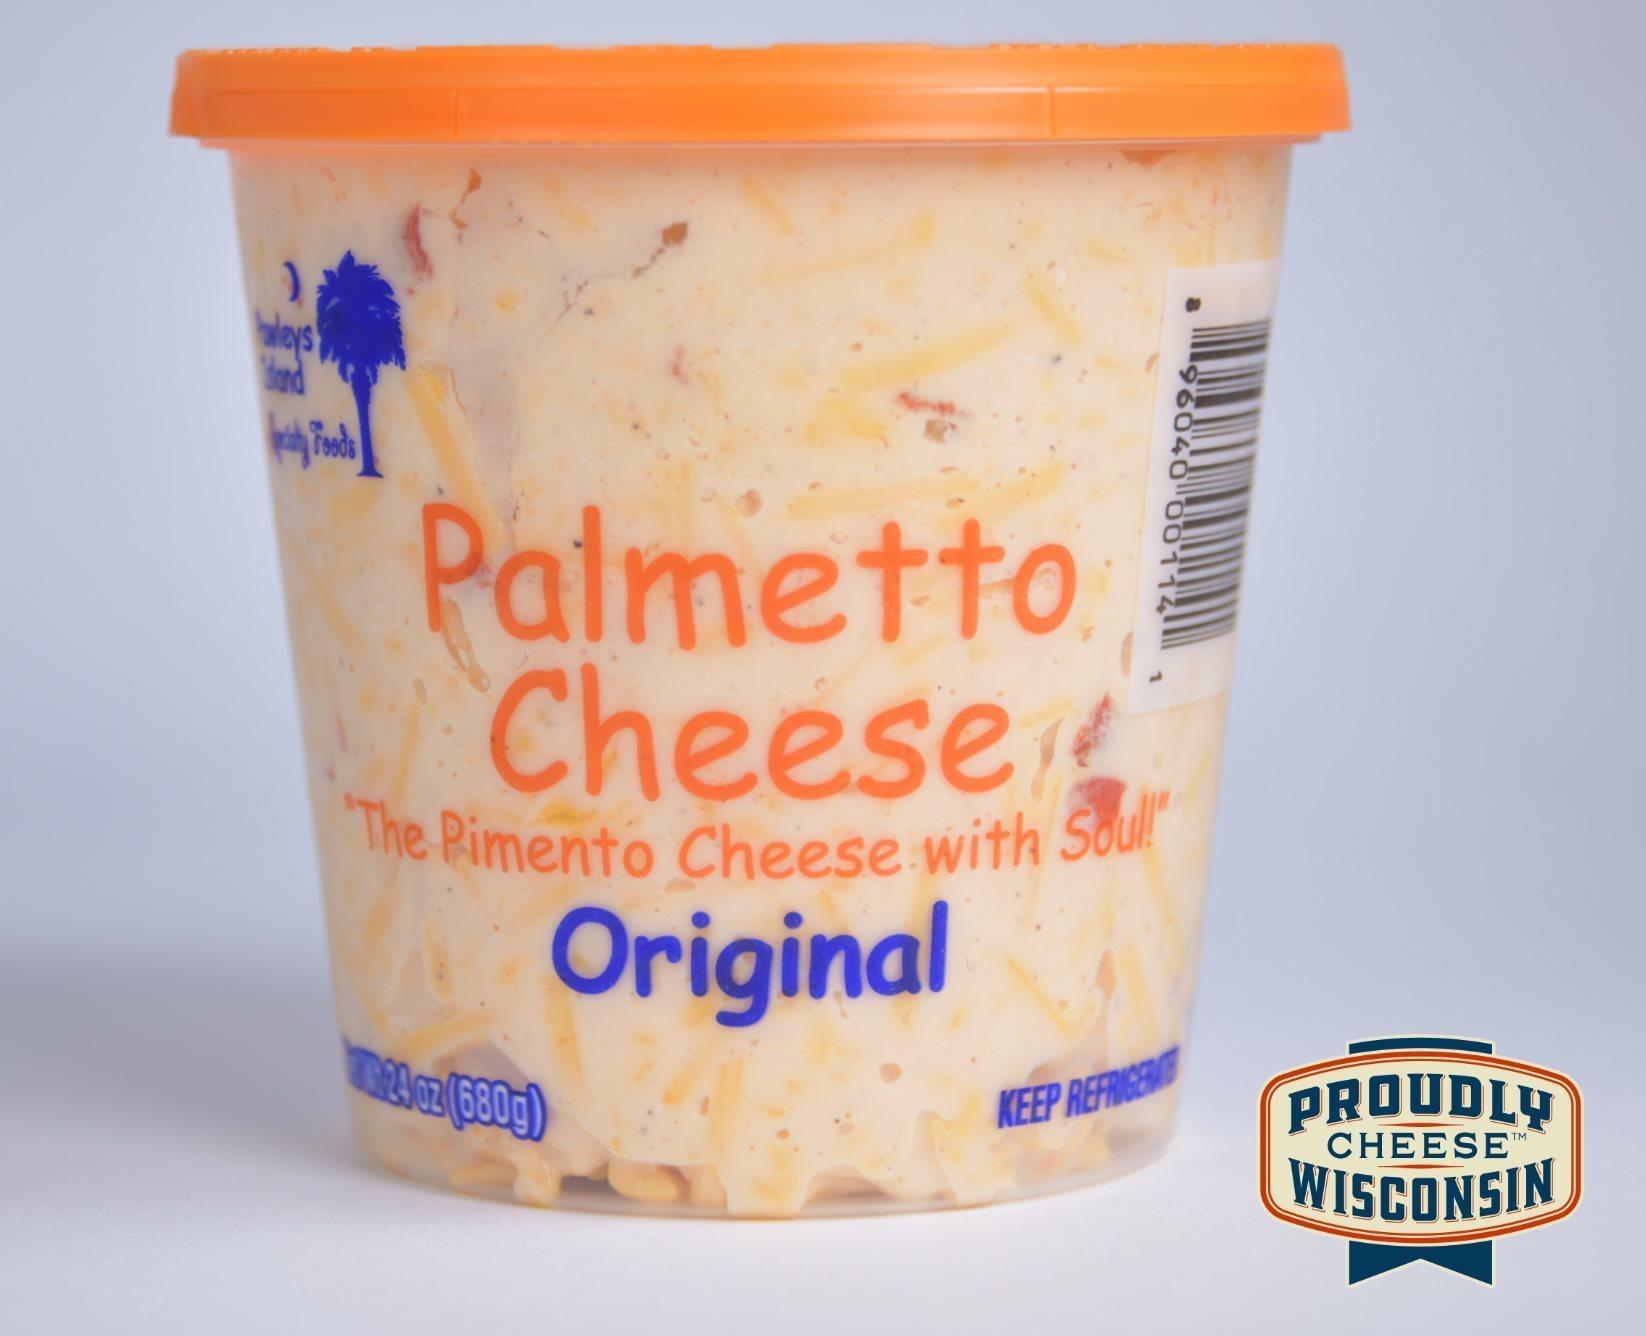 palmetto cheese - photo #15